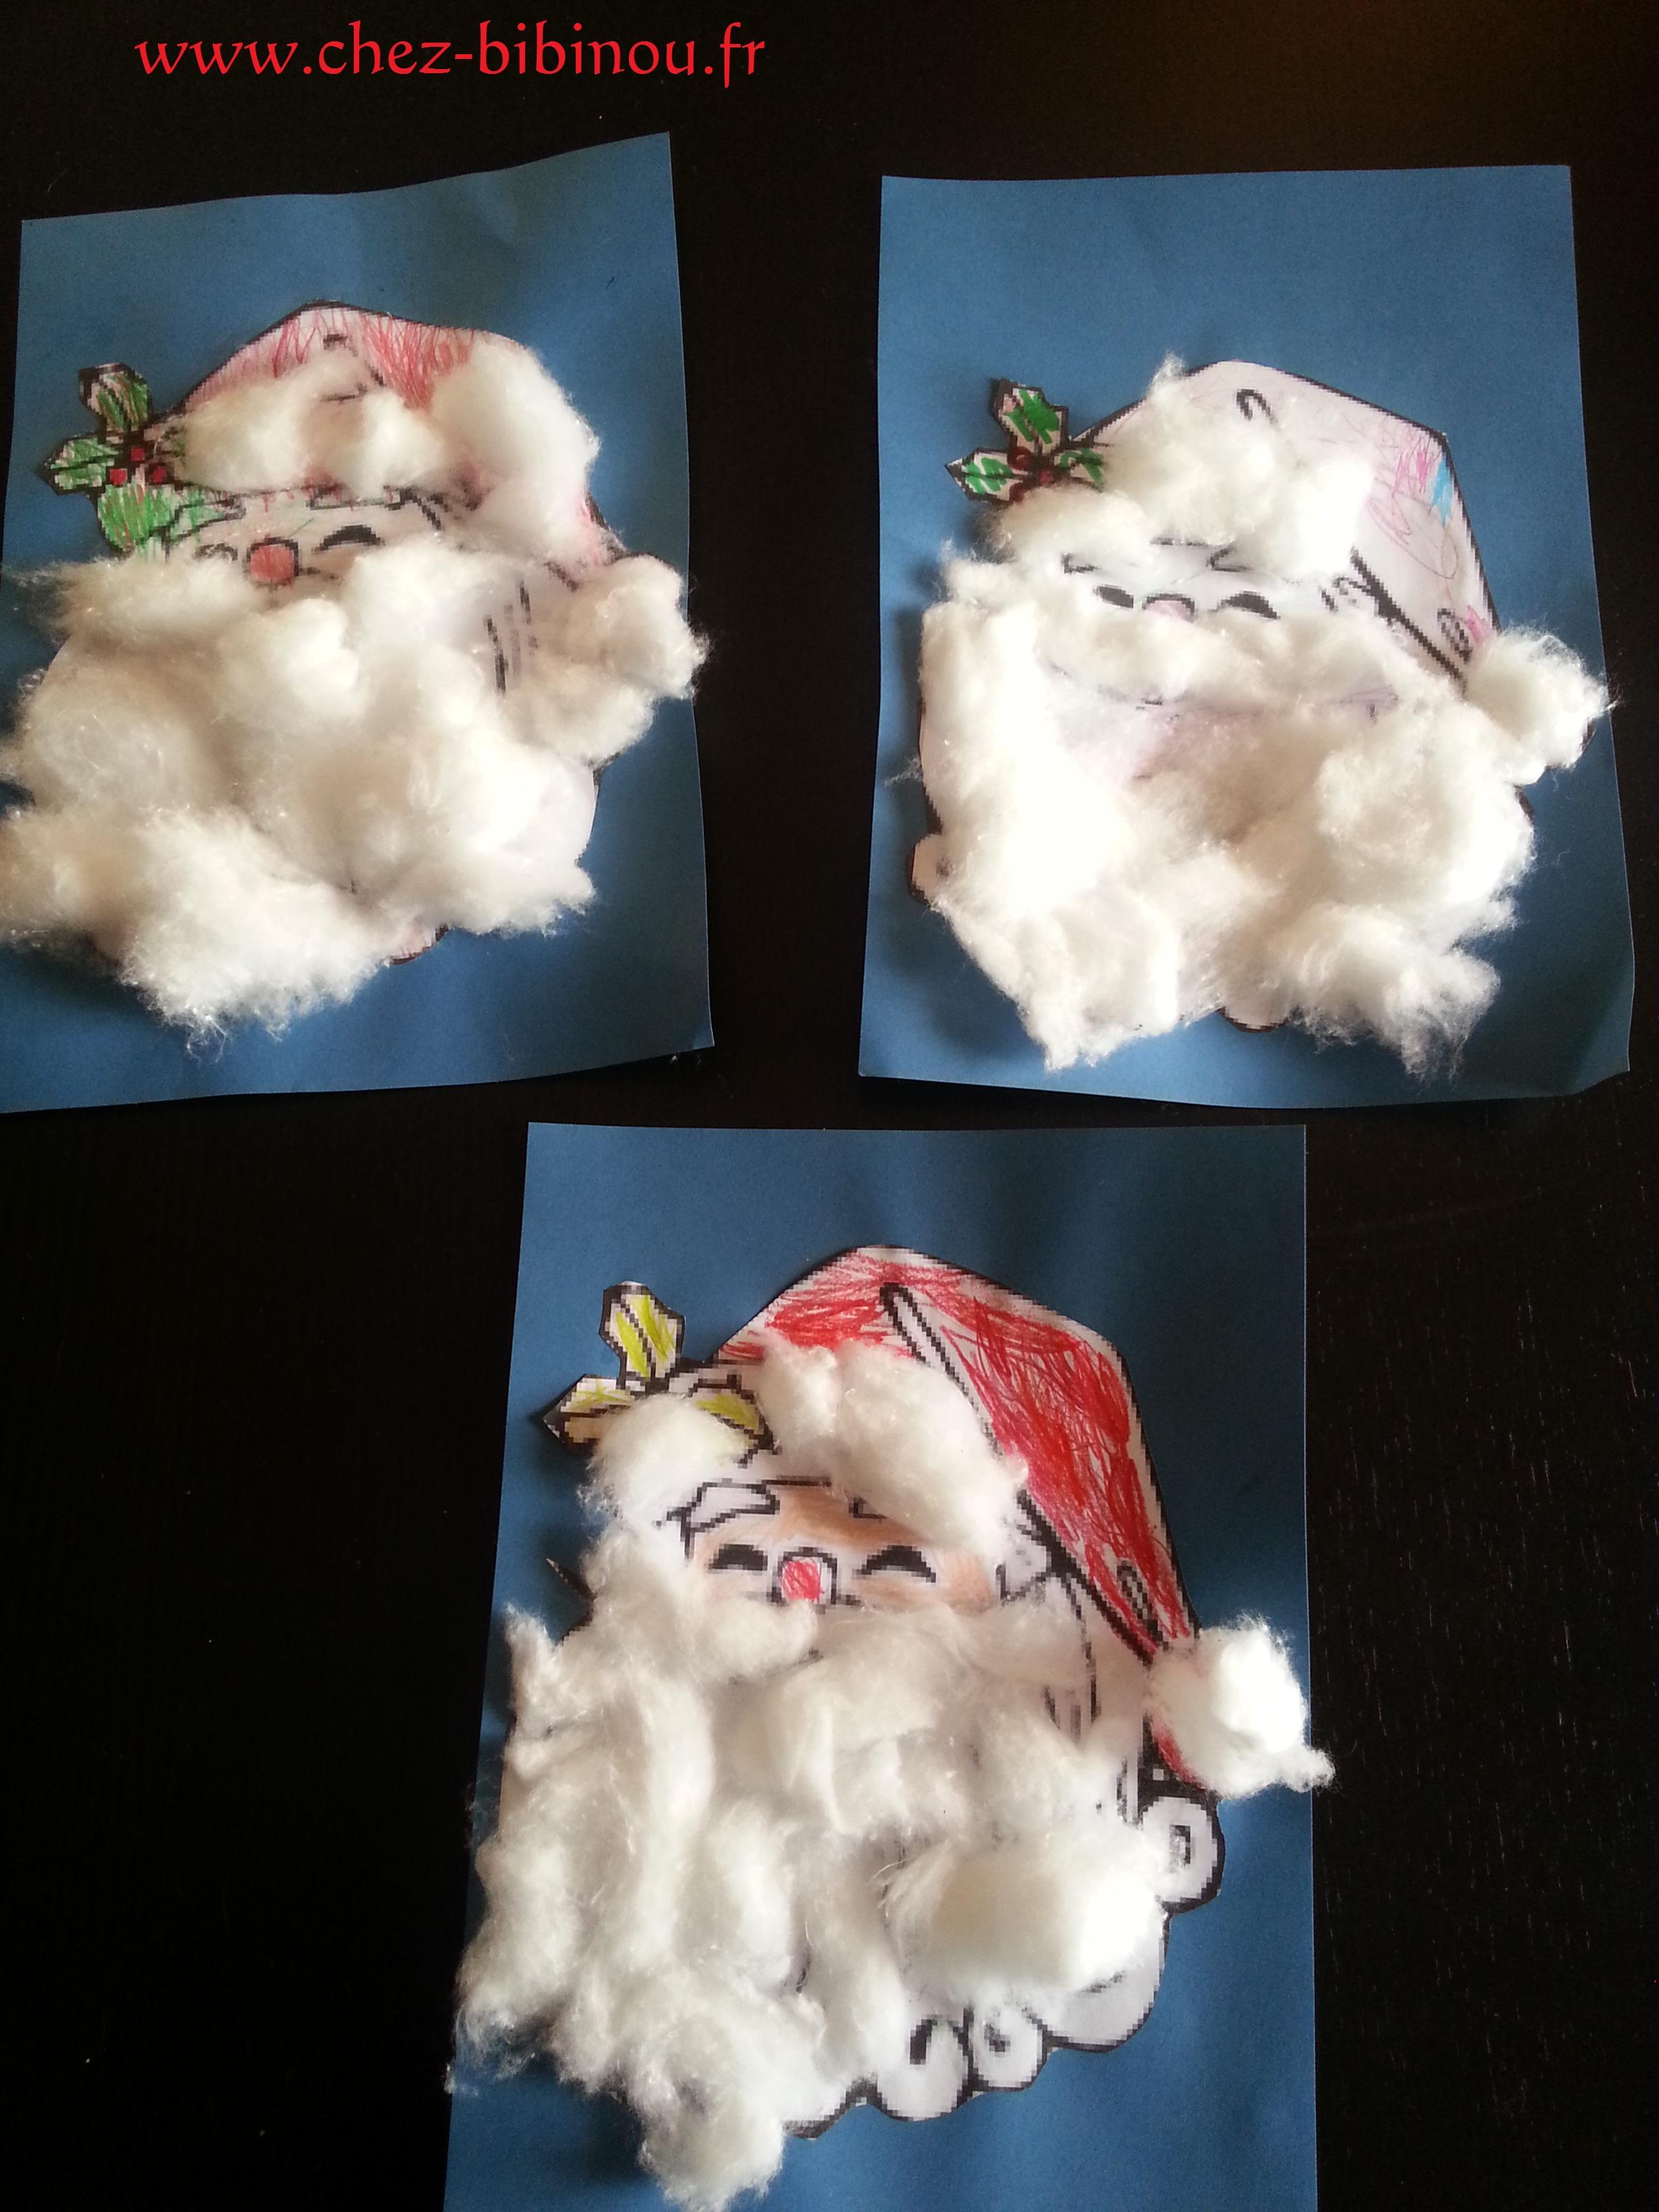 Un bonnet rouge et une barbe blanche...